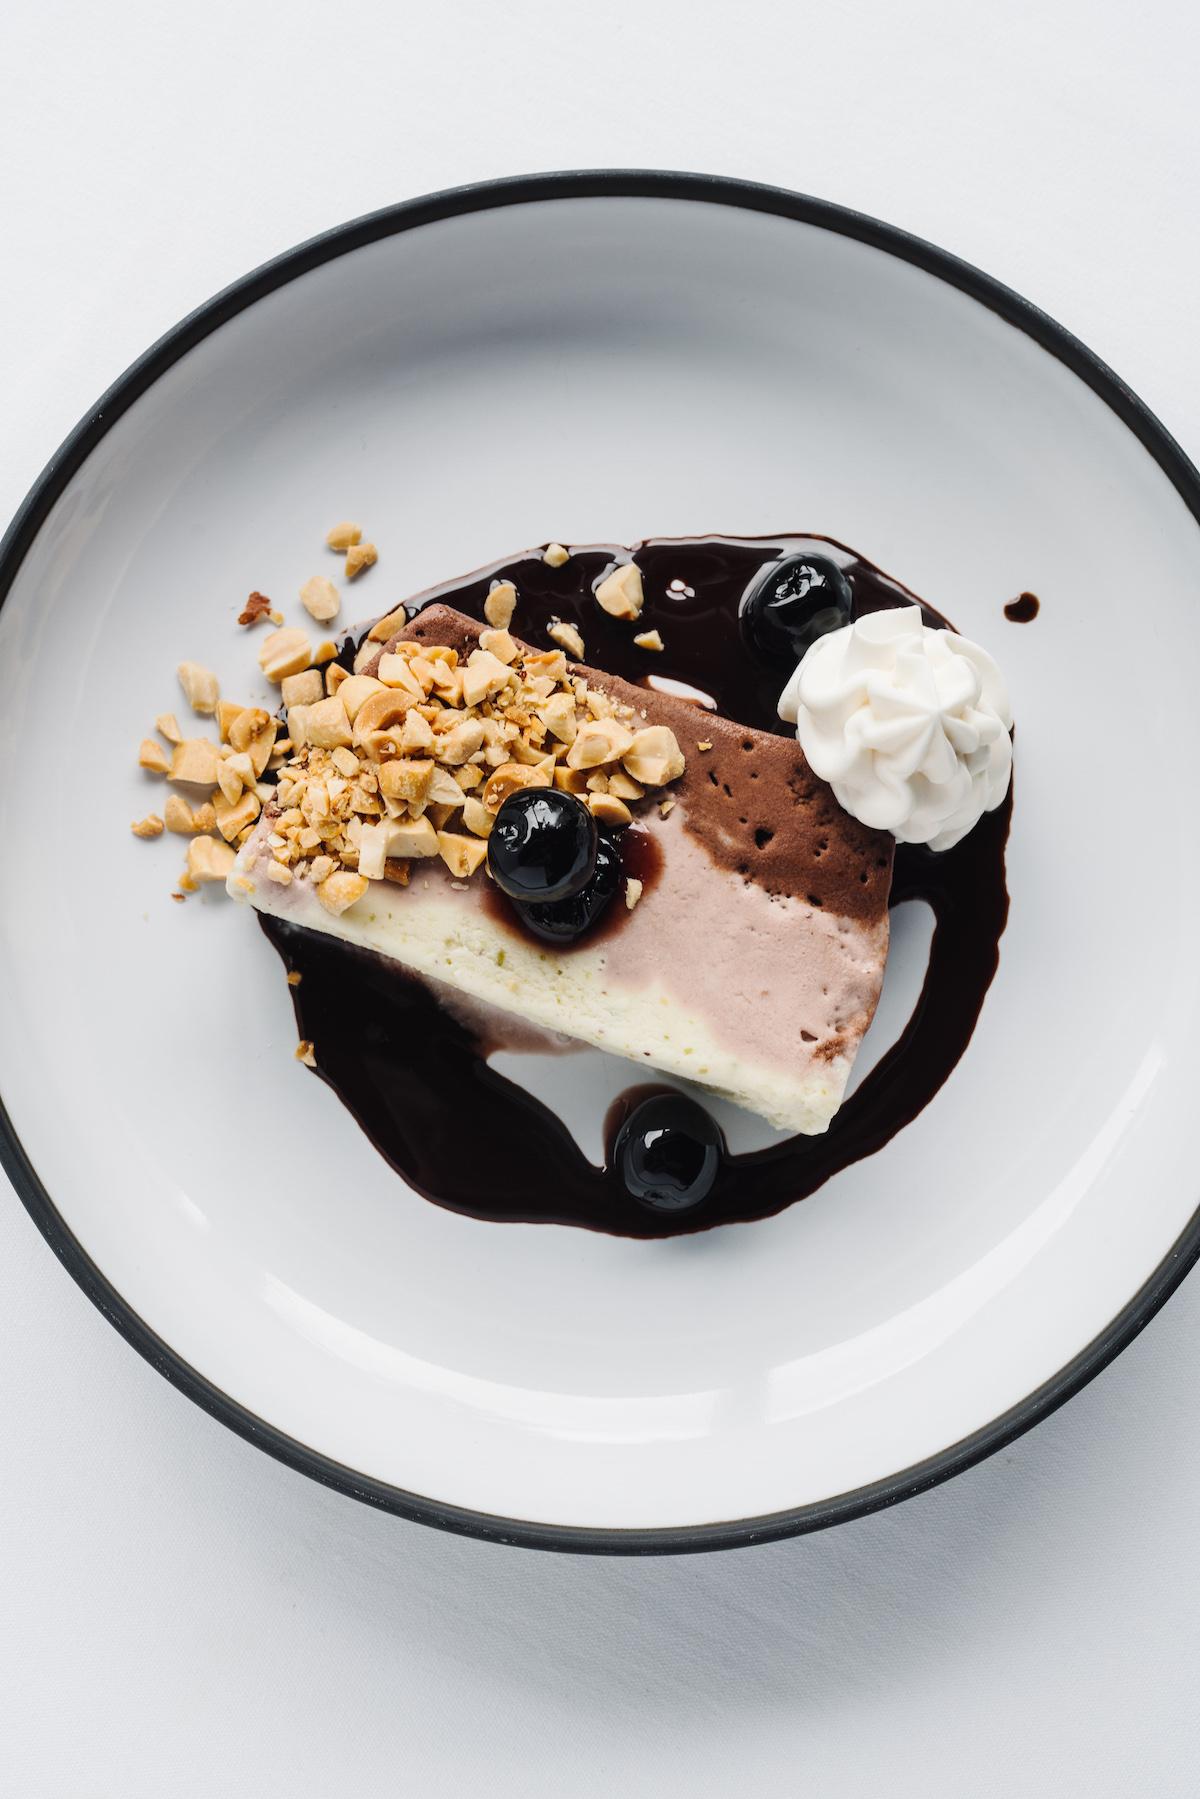 """The Neapolitan ice cream """"sundae"""" at C. Ellet's steakhouse"""